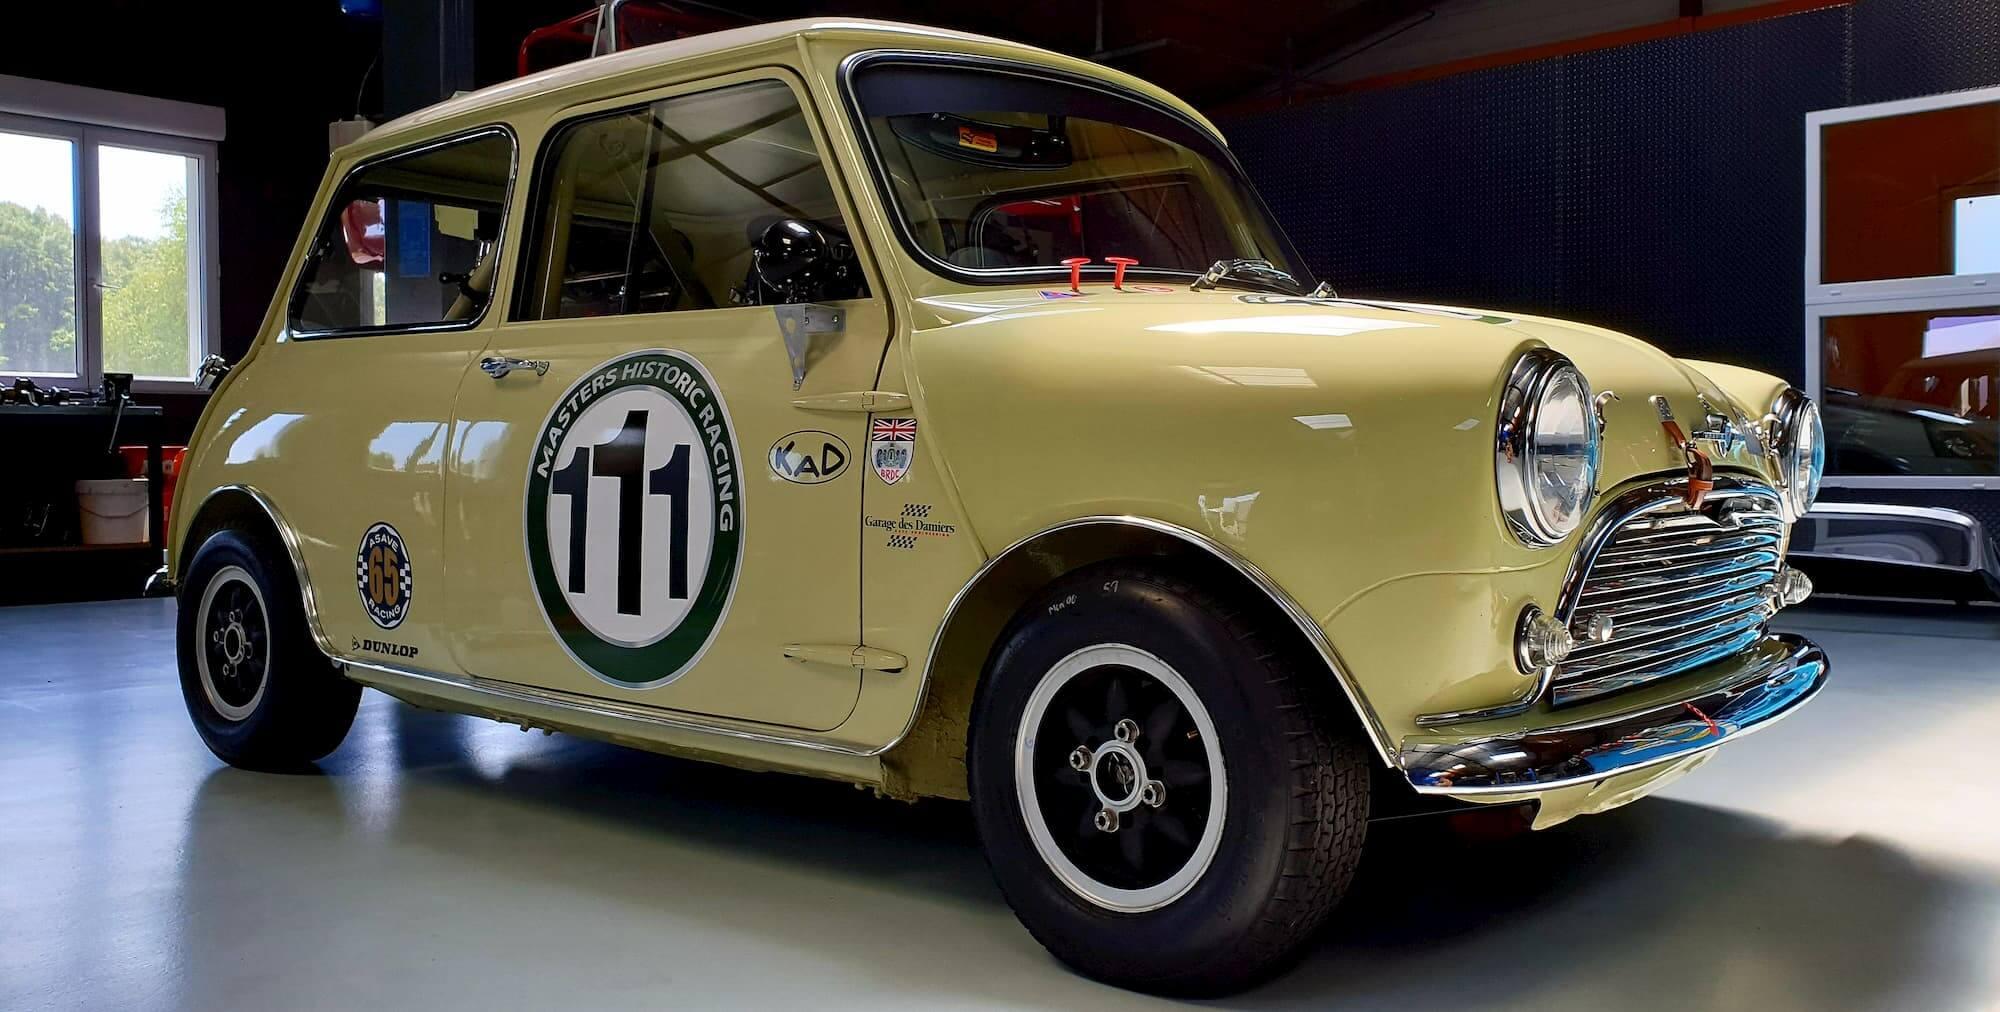 Préparation pour le Silverstone Classic - Austin Mini Cooper S - vintage car